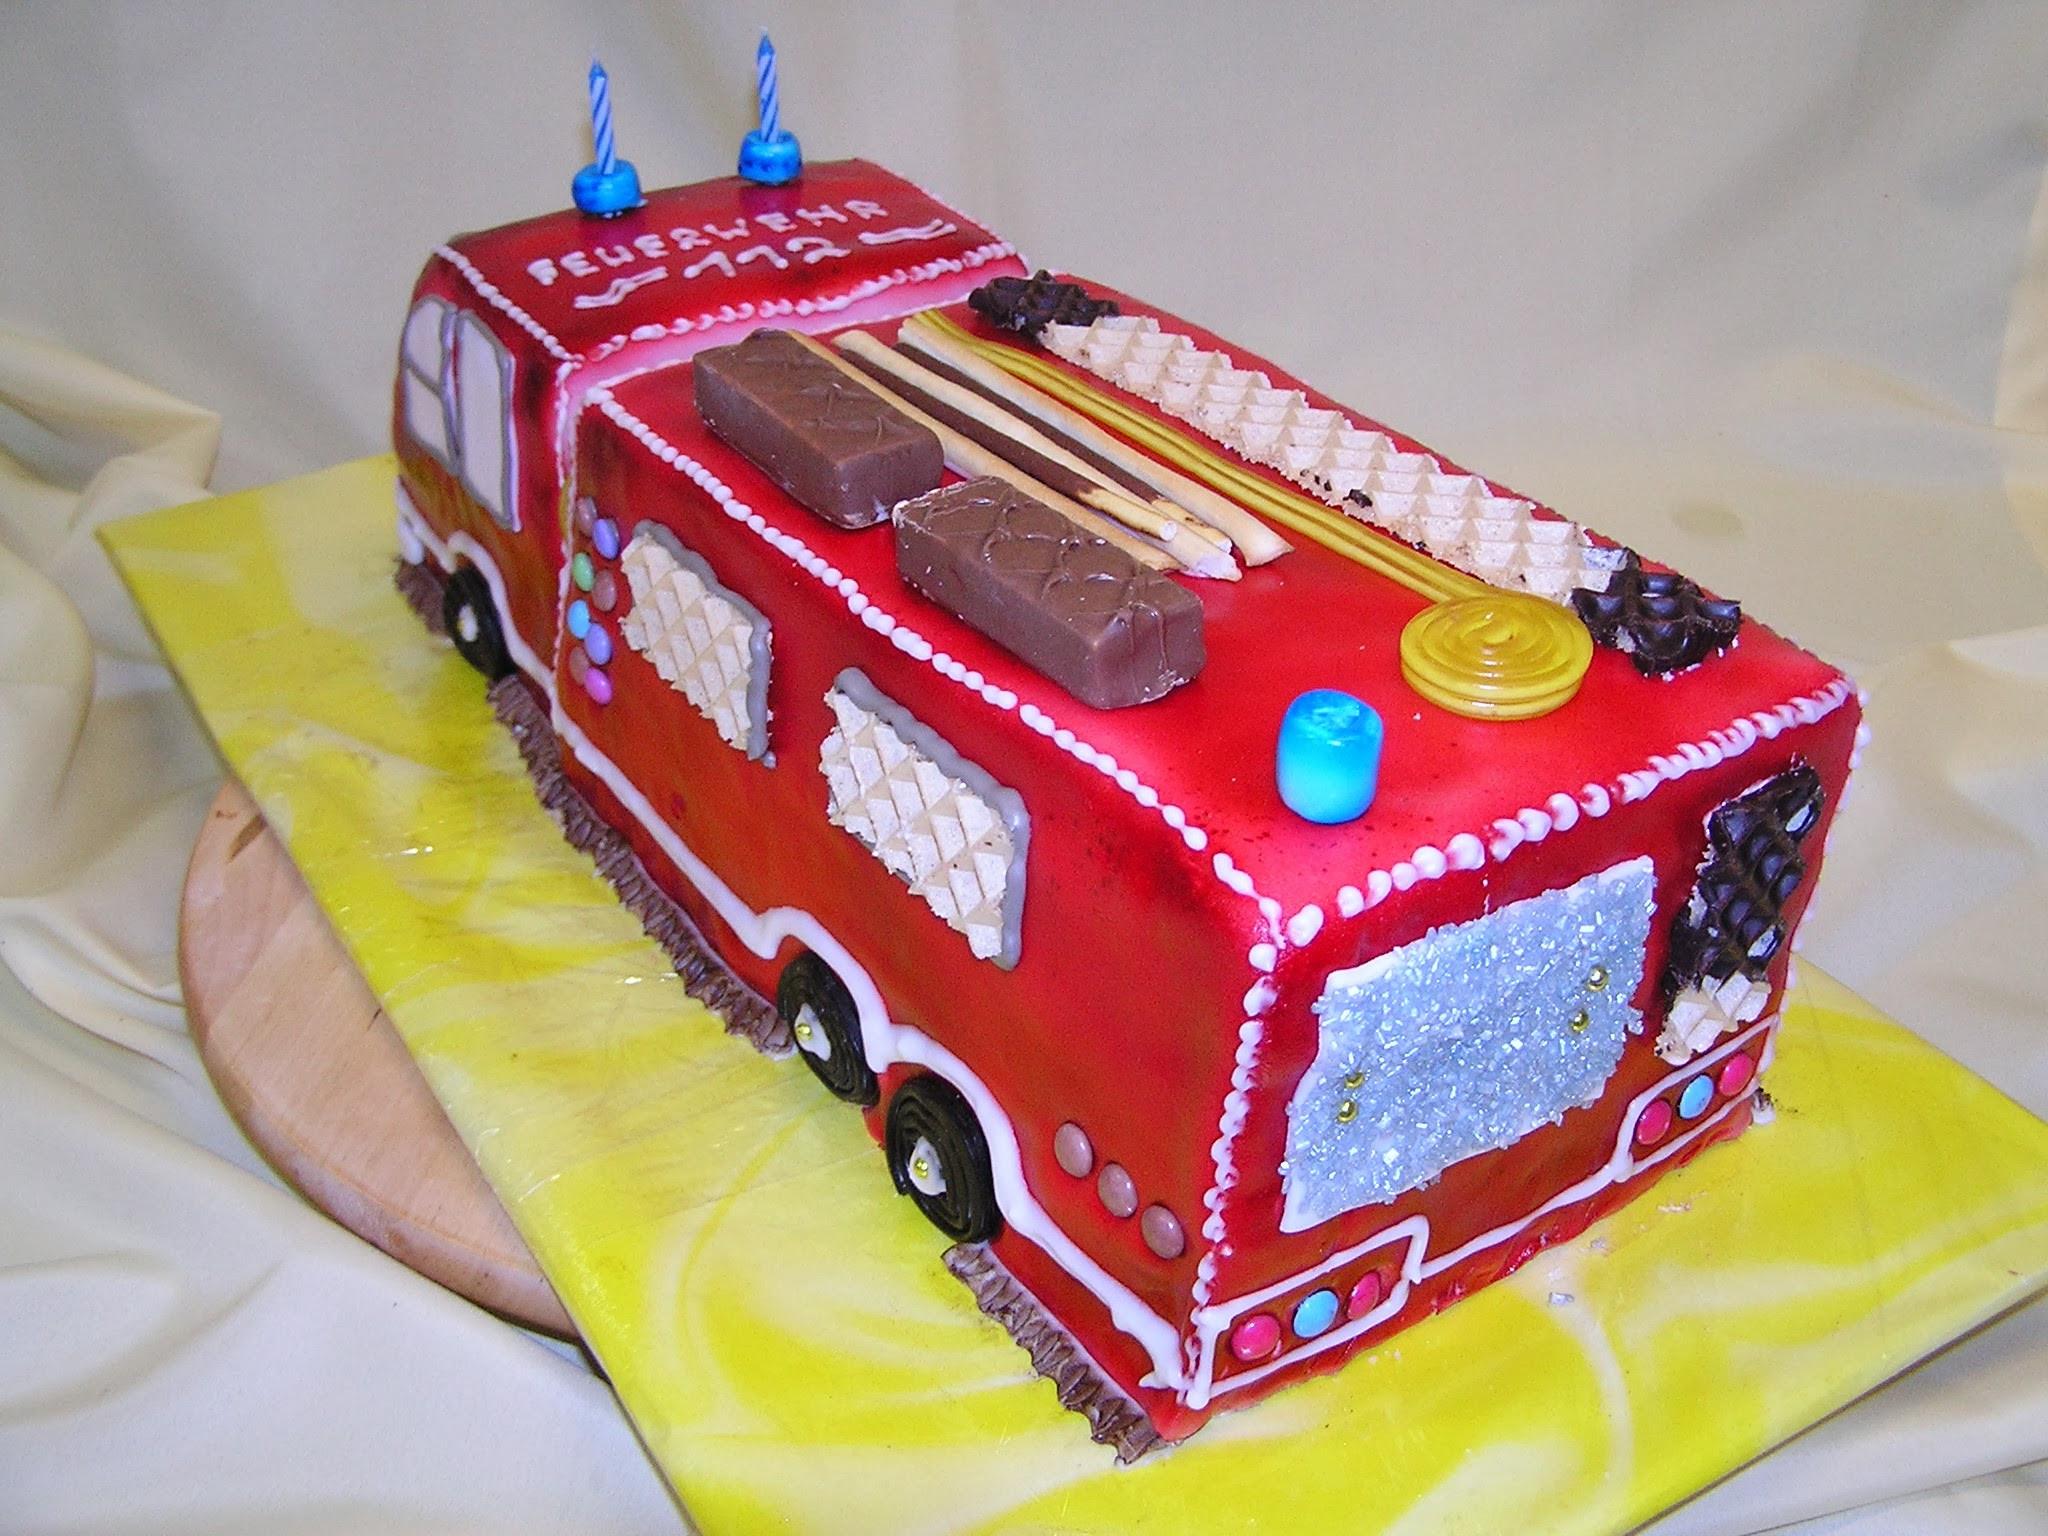 Feuerwehr Kuchen  Feuerwehr Kuchen — Rezepte Suchen